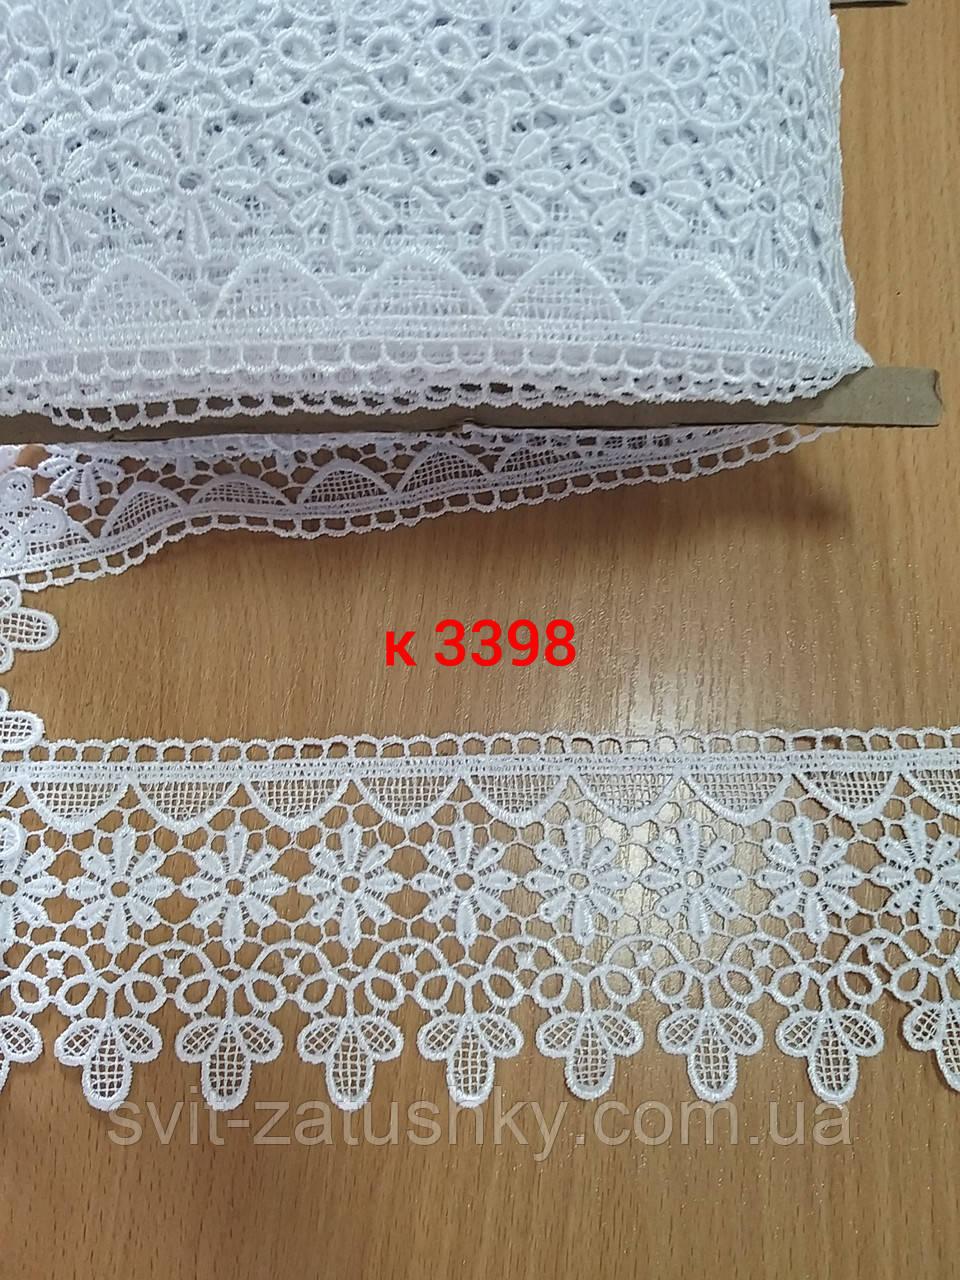 Мереживо біле шириною 8 см  /Кружево плотное белое ширина 8 см